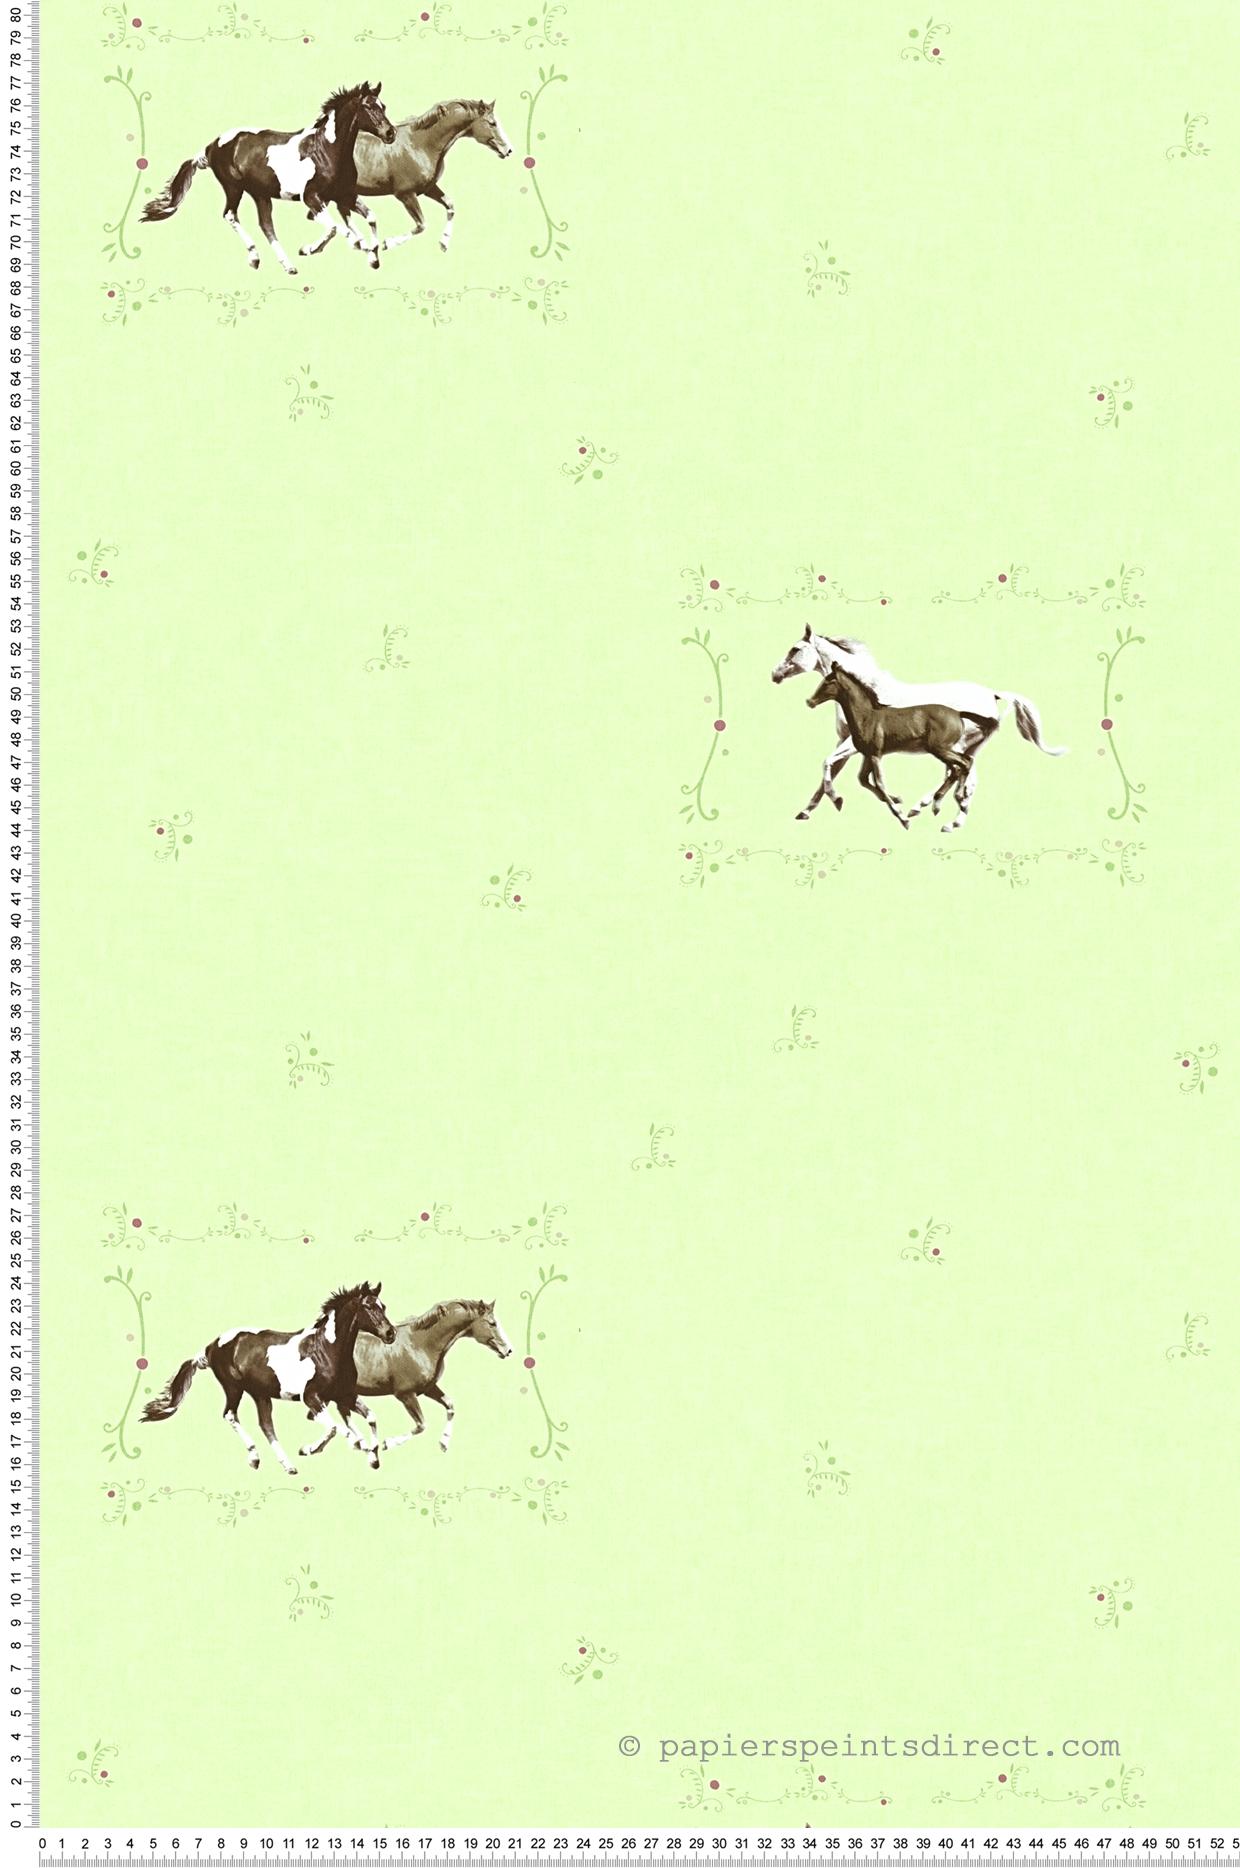 Papier peint chevaux au galop fond vert pistache - Little ...